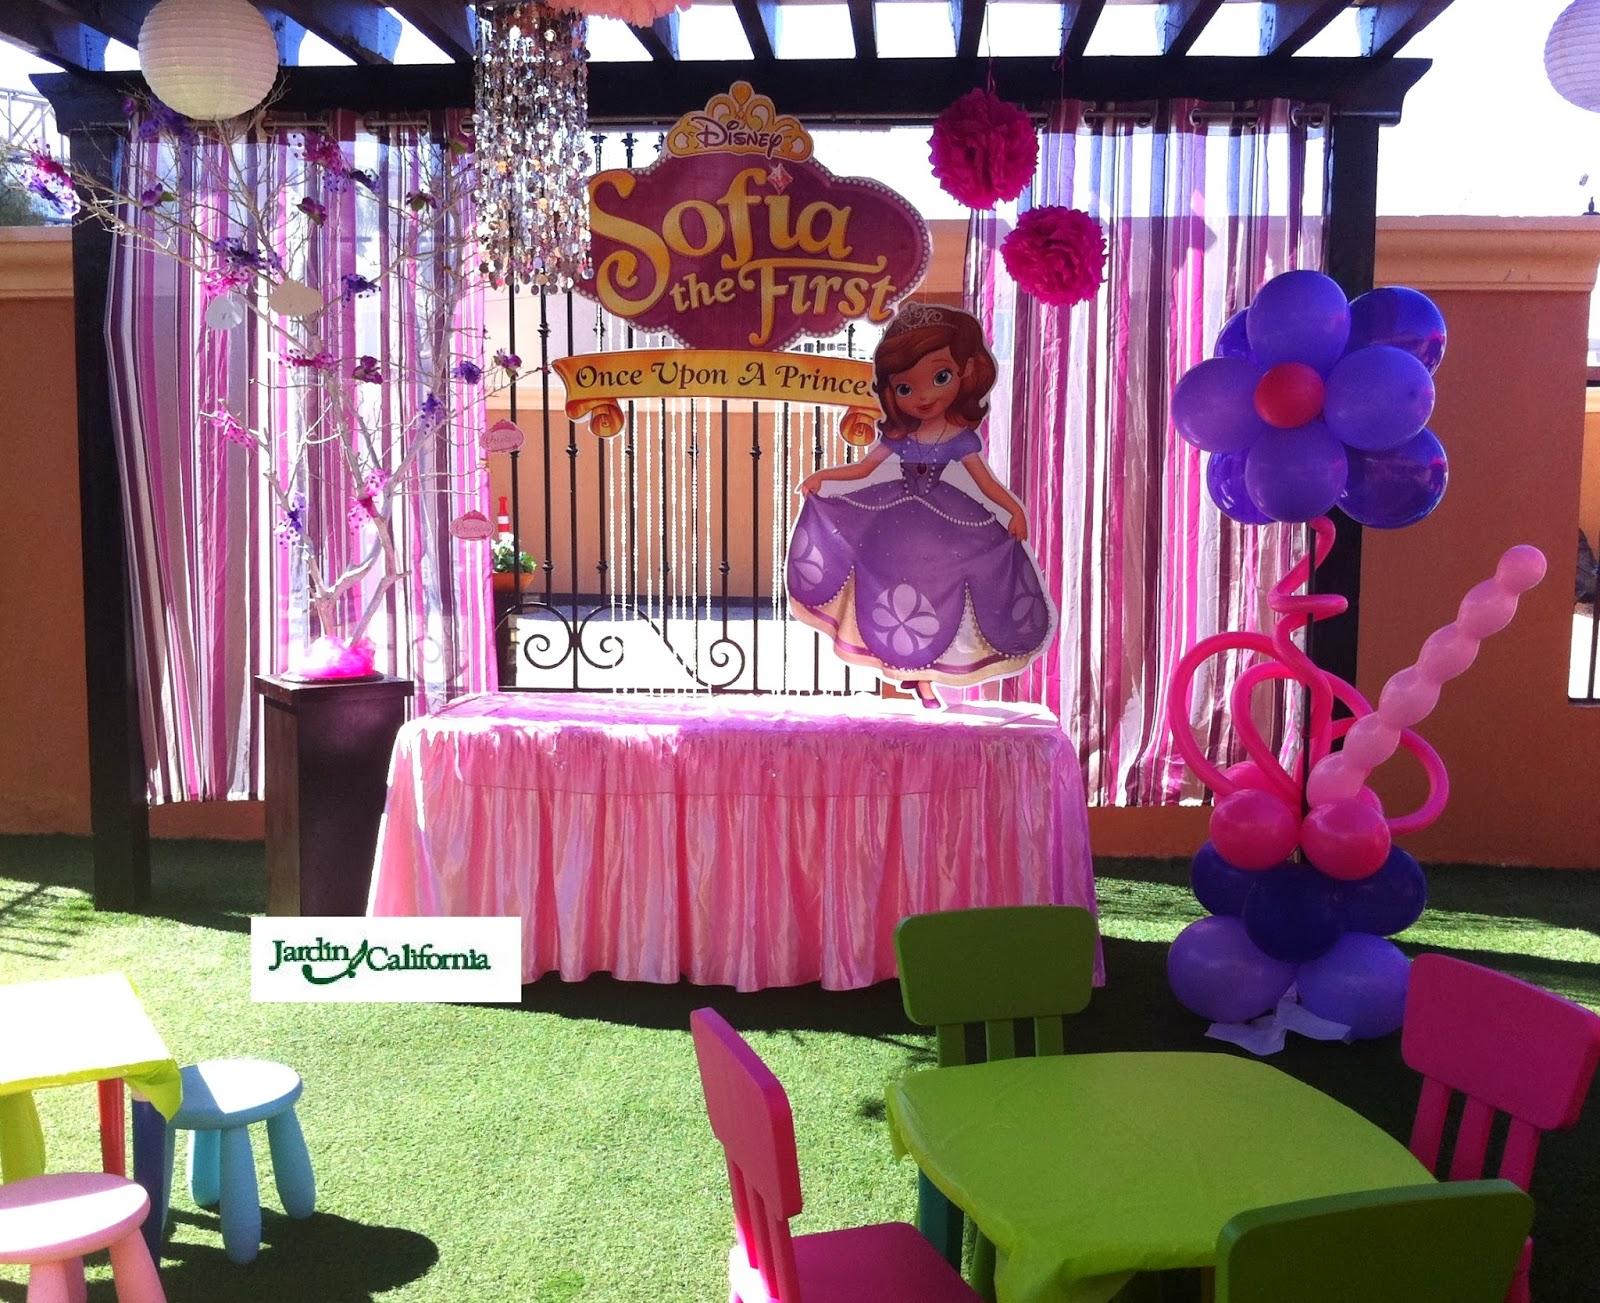 Jardin California Decoraci 243 N De Fiestas Infantiles Tem 225 Ticas